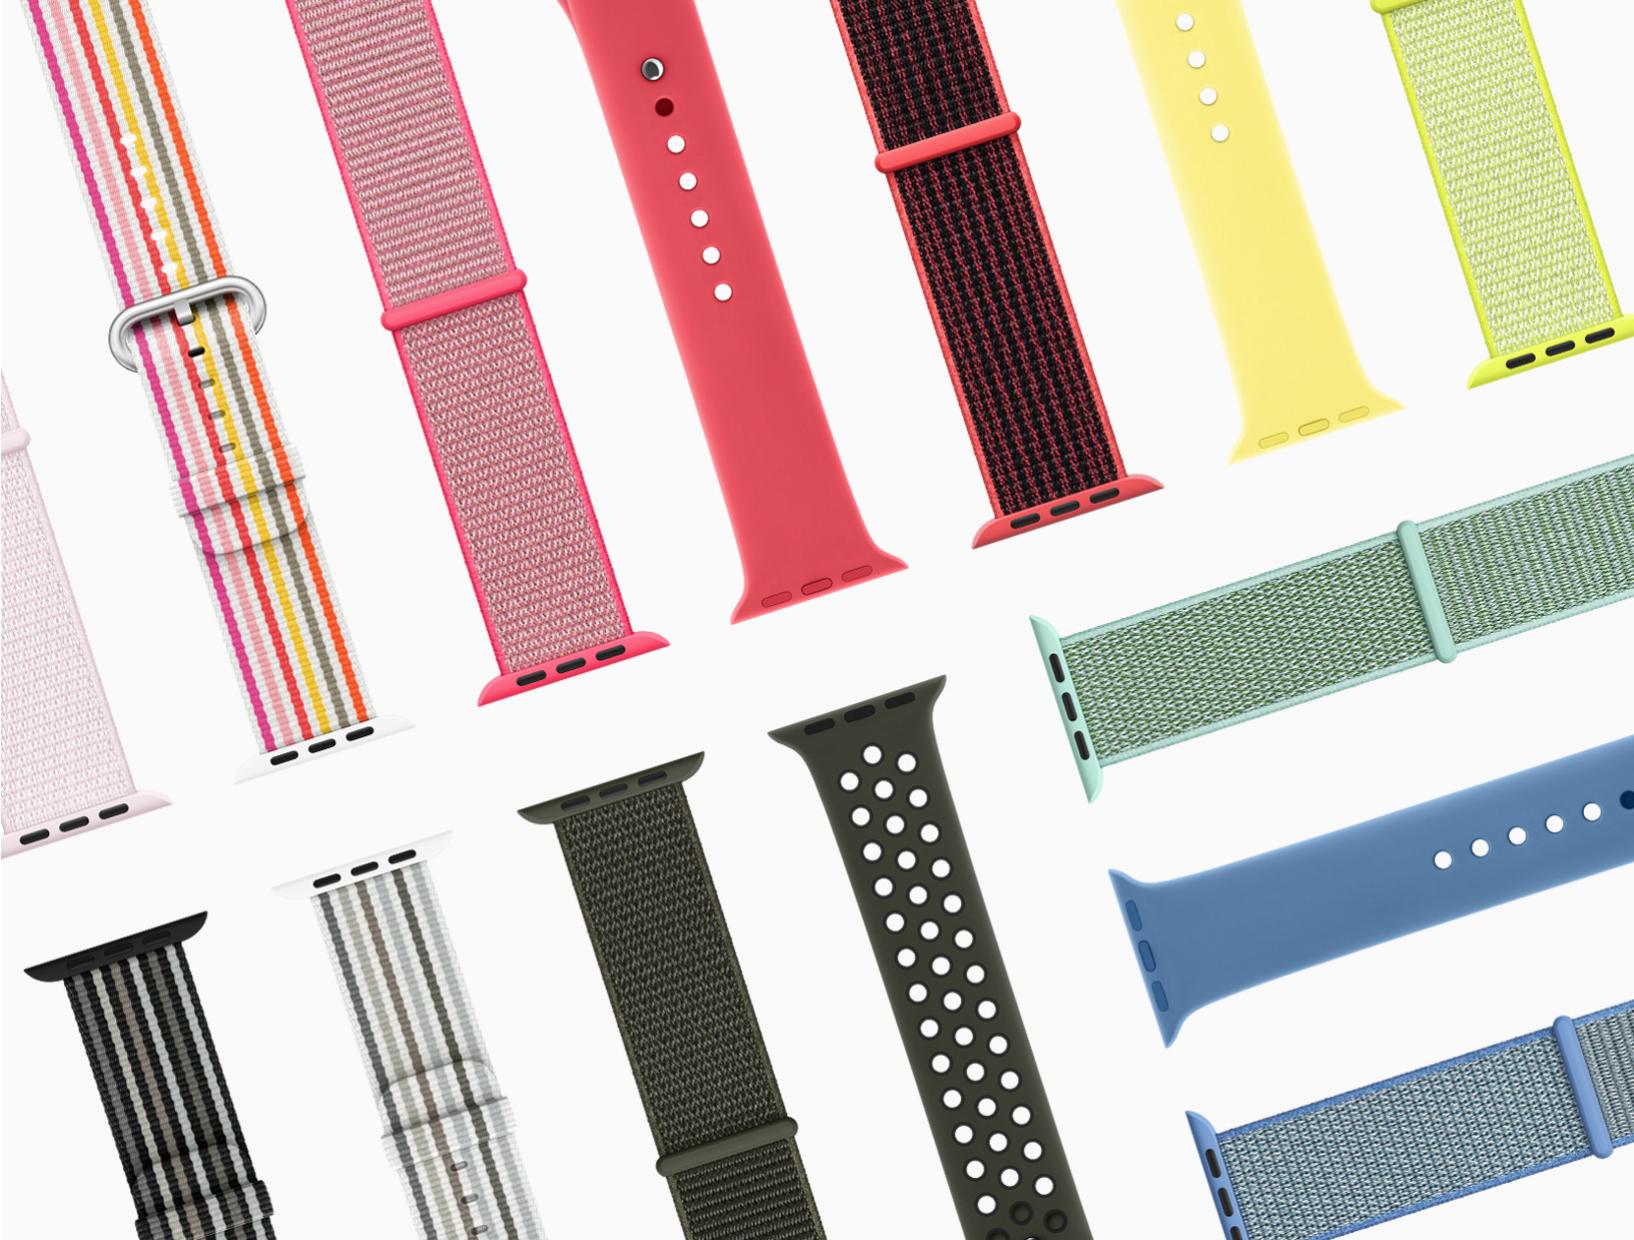 4c83692fab43 Apple odhalil nové barvy řemínků pro Apple Watch inspirované jarem ...